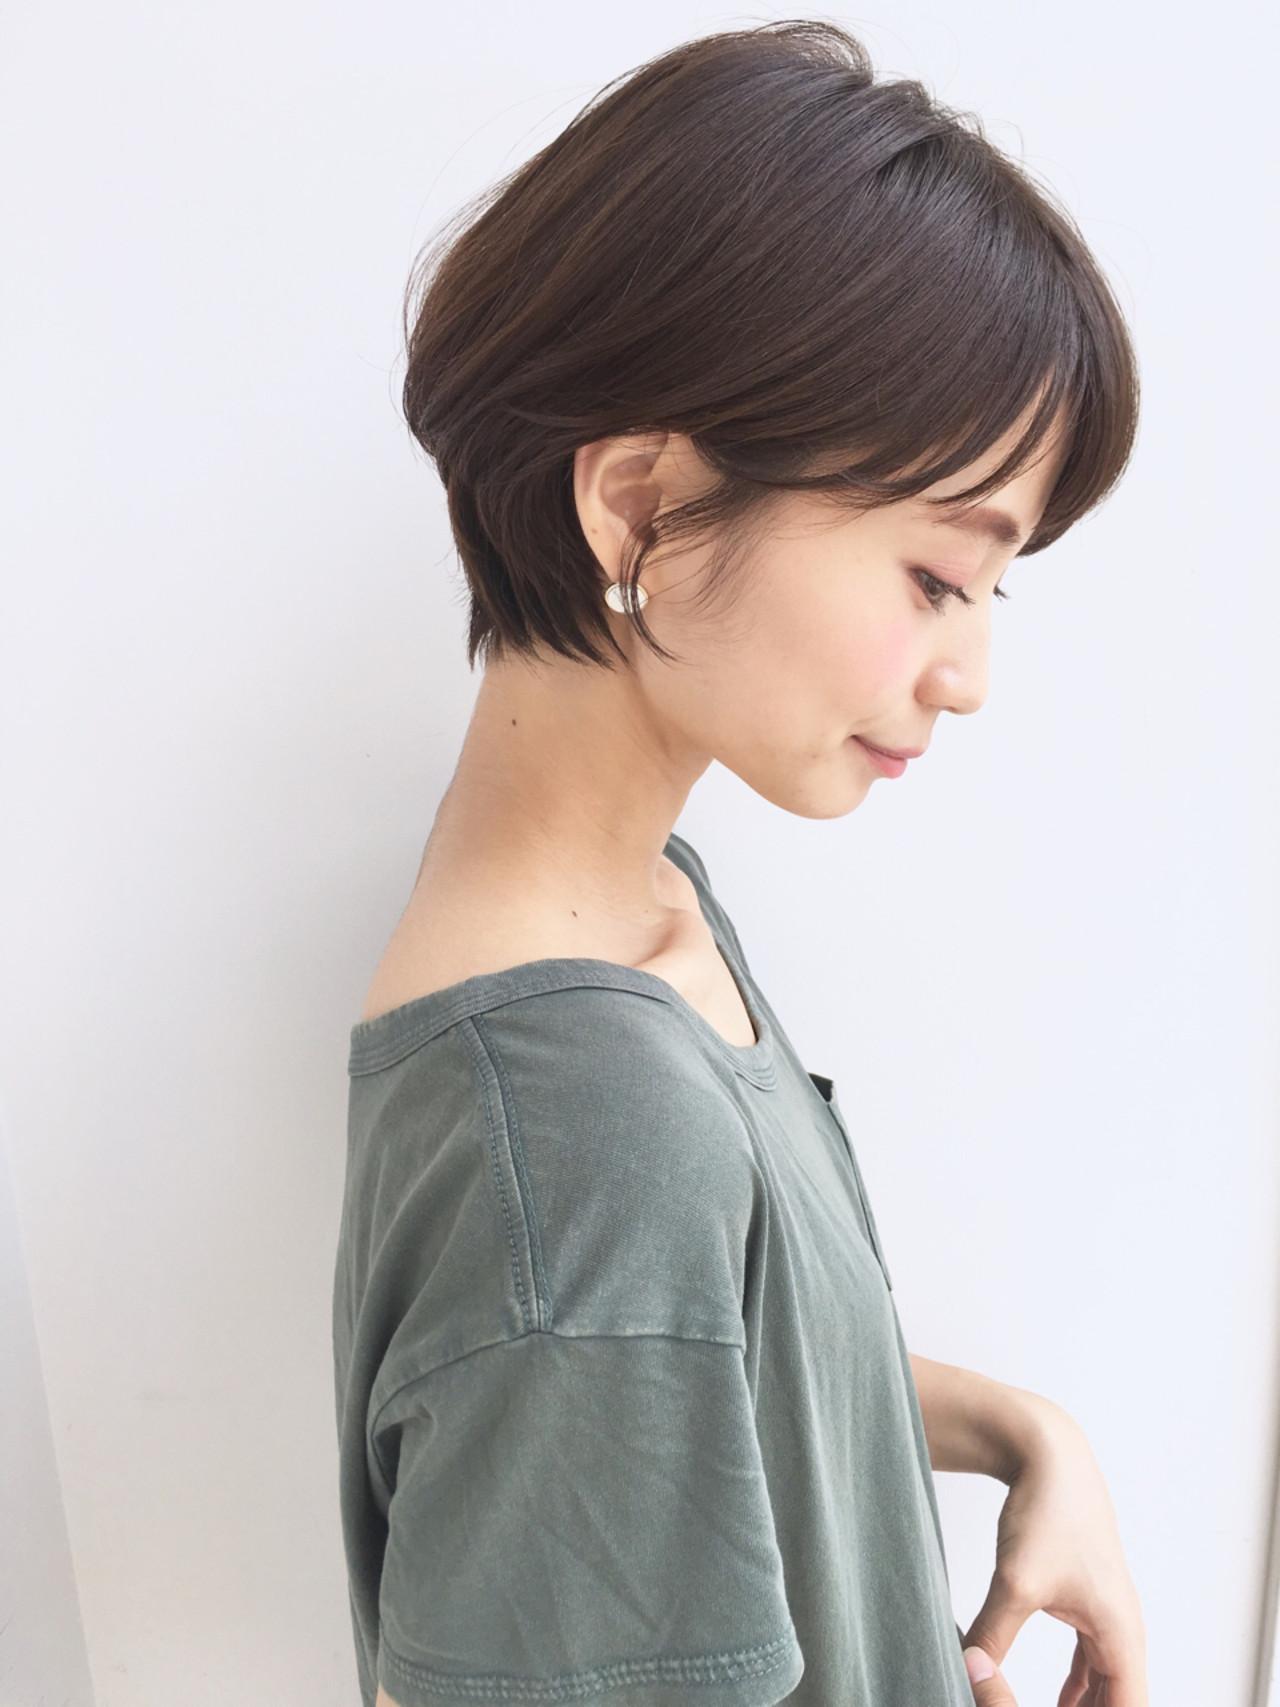 ナチュラル 簡単ヘアアレンジ デート オフィス ヘアスタイルや髪型の写真・画像 | ショートボブの匠【 山内大成 】『i.hair』 / 『 i. 』 omotesando